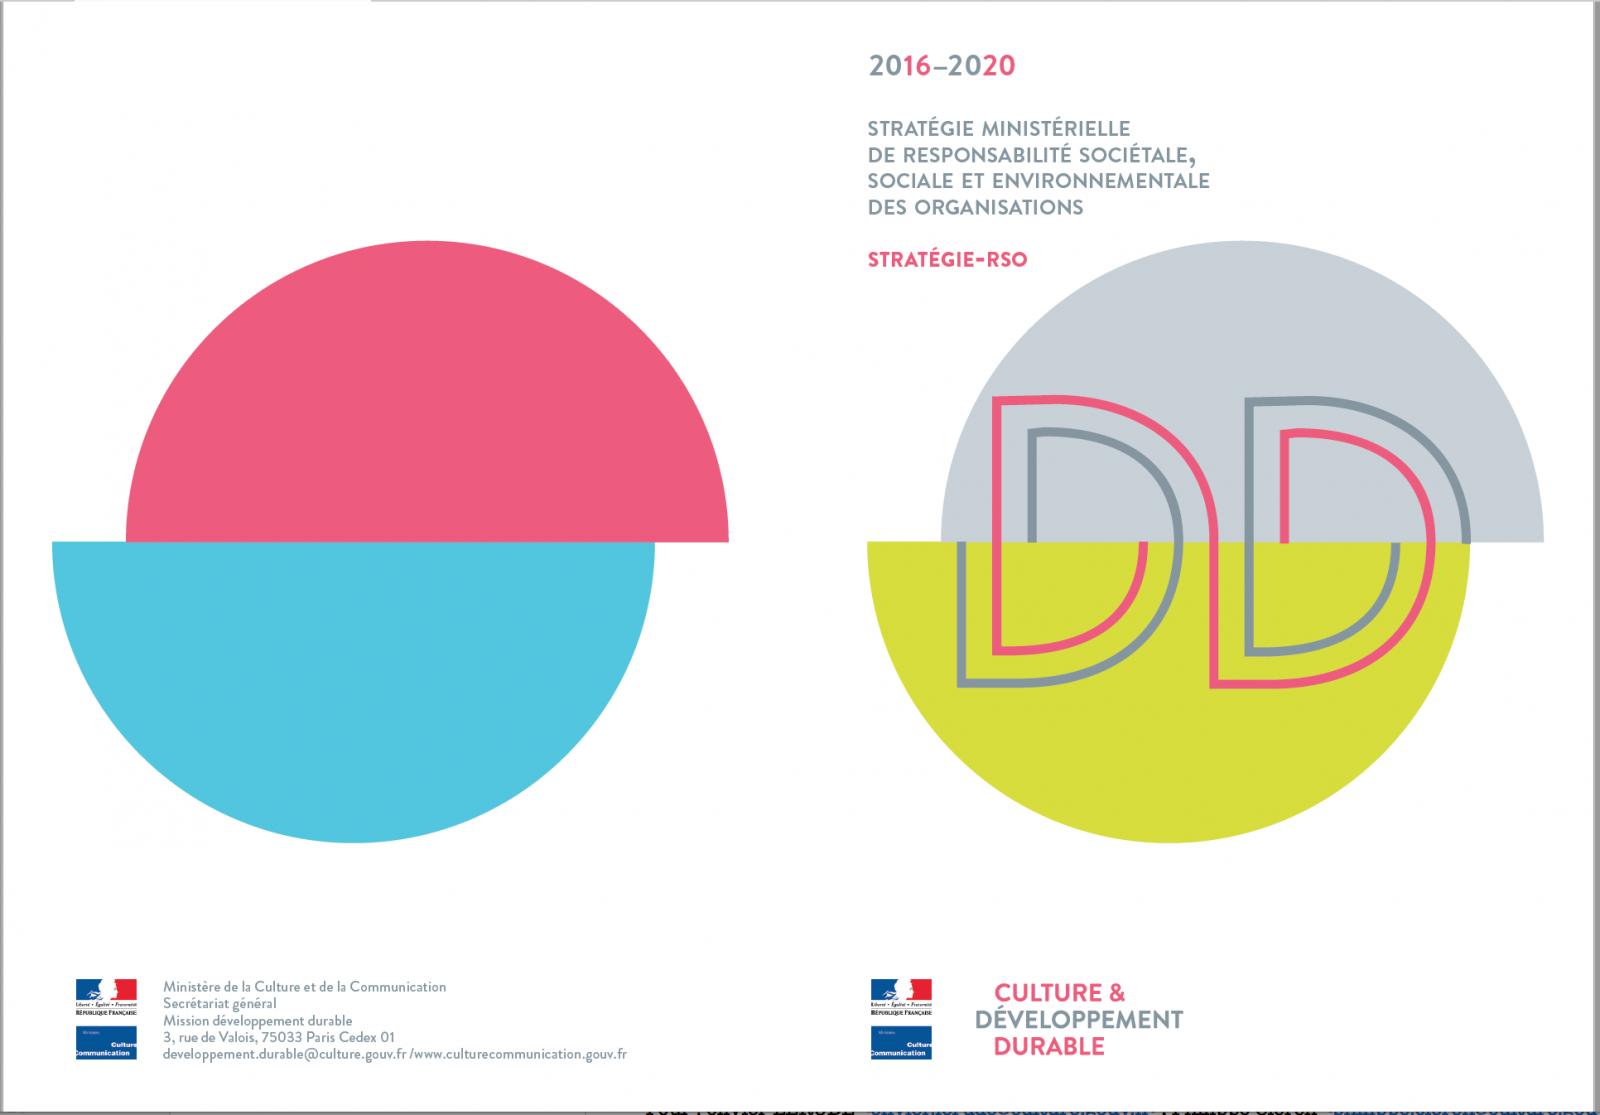 La nouvelle Stratégie-RSO 2016-2020 du ministère de la Culture et de la Communication (Couverture du livret). © MCC